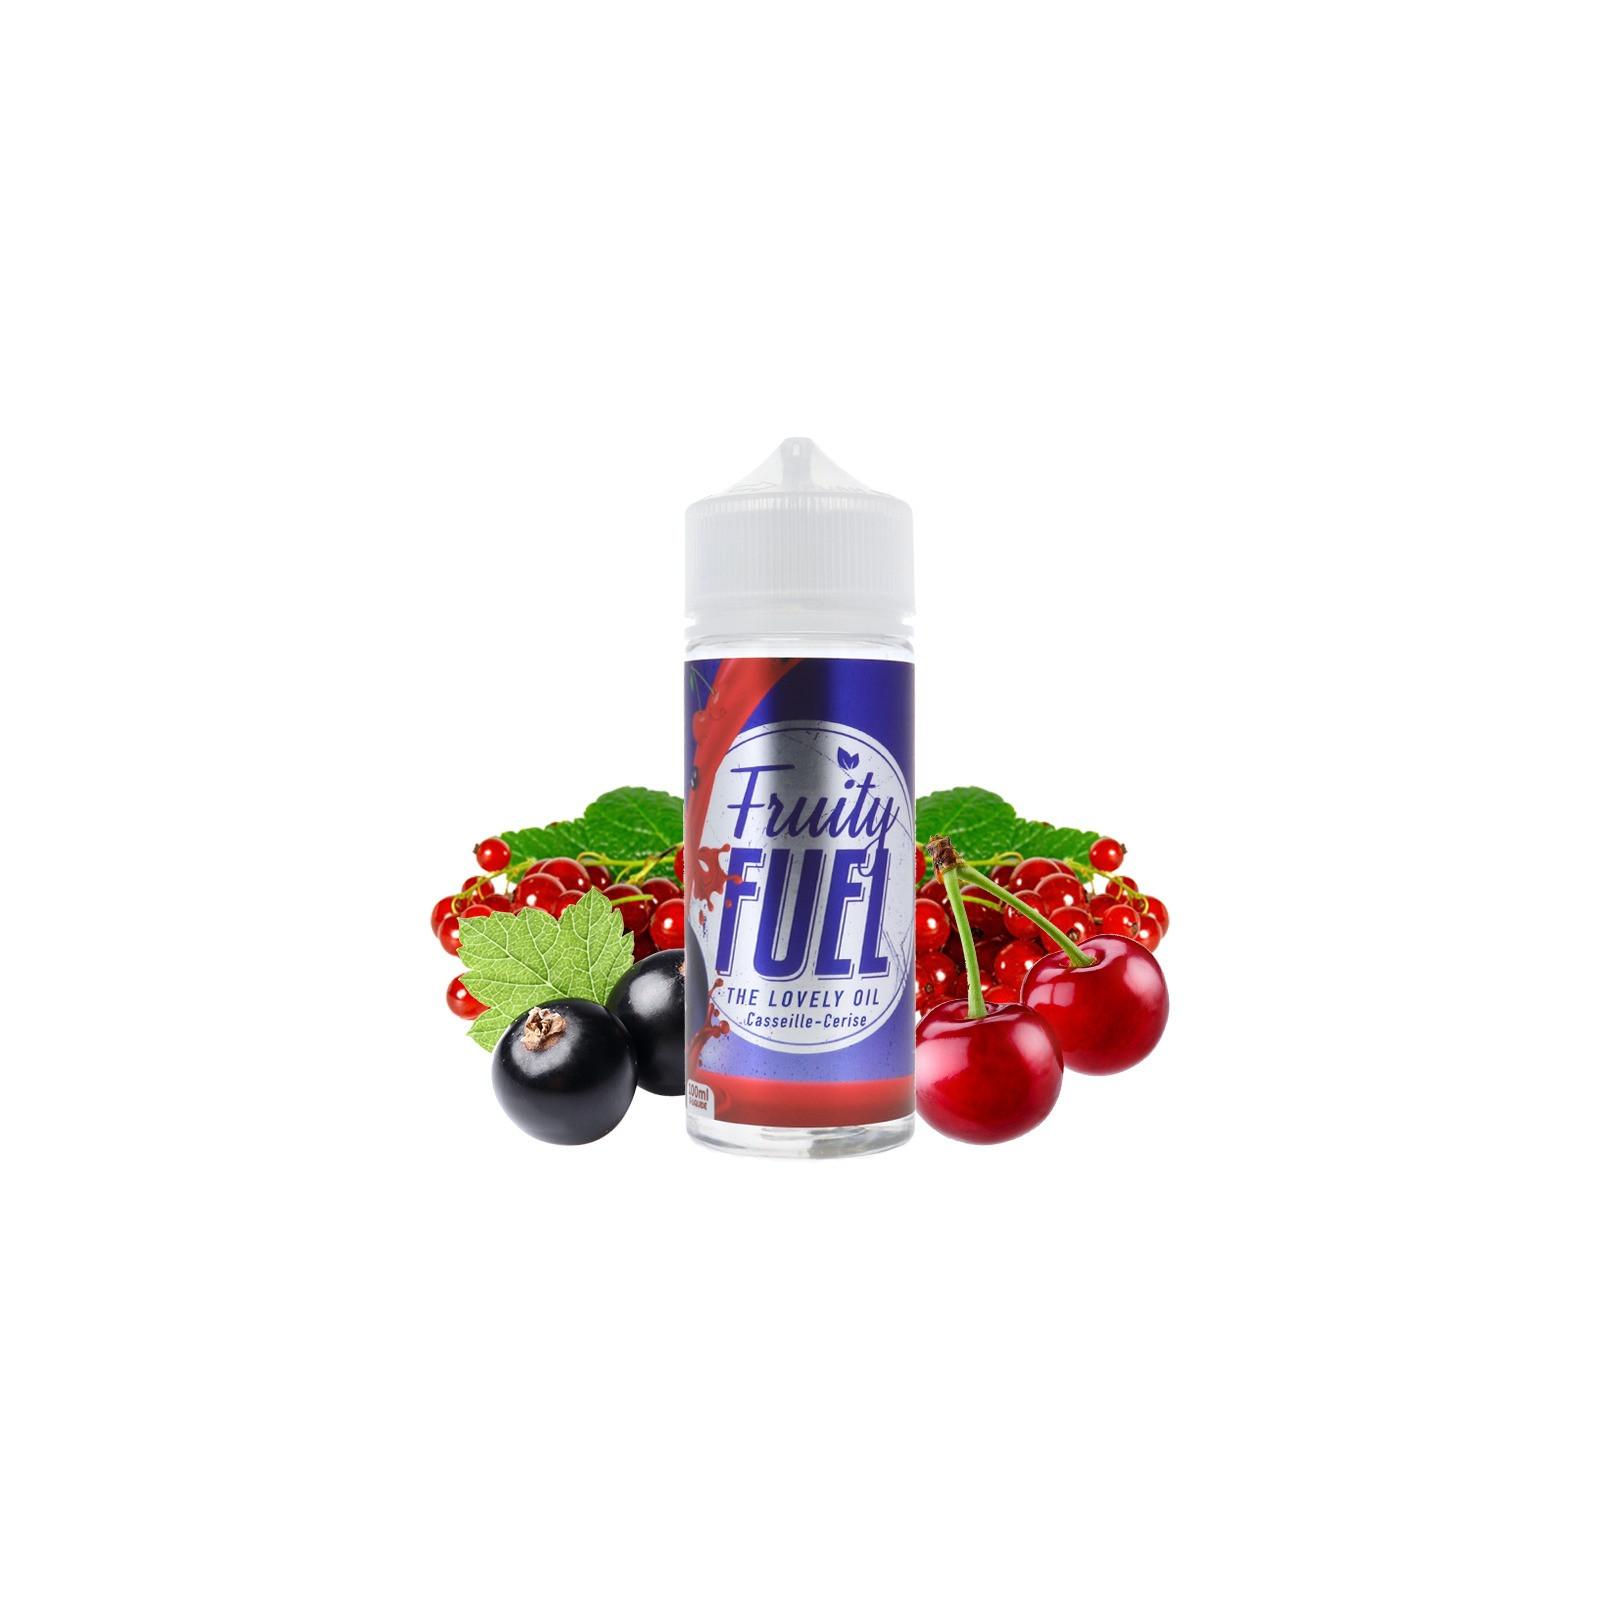 The Lovely Oil 100 ml - Fruity Fuel